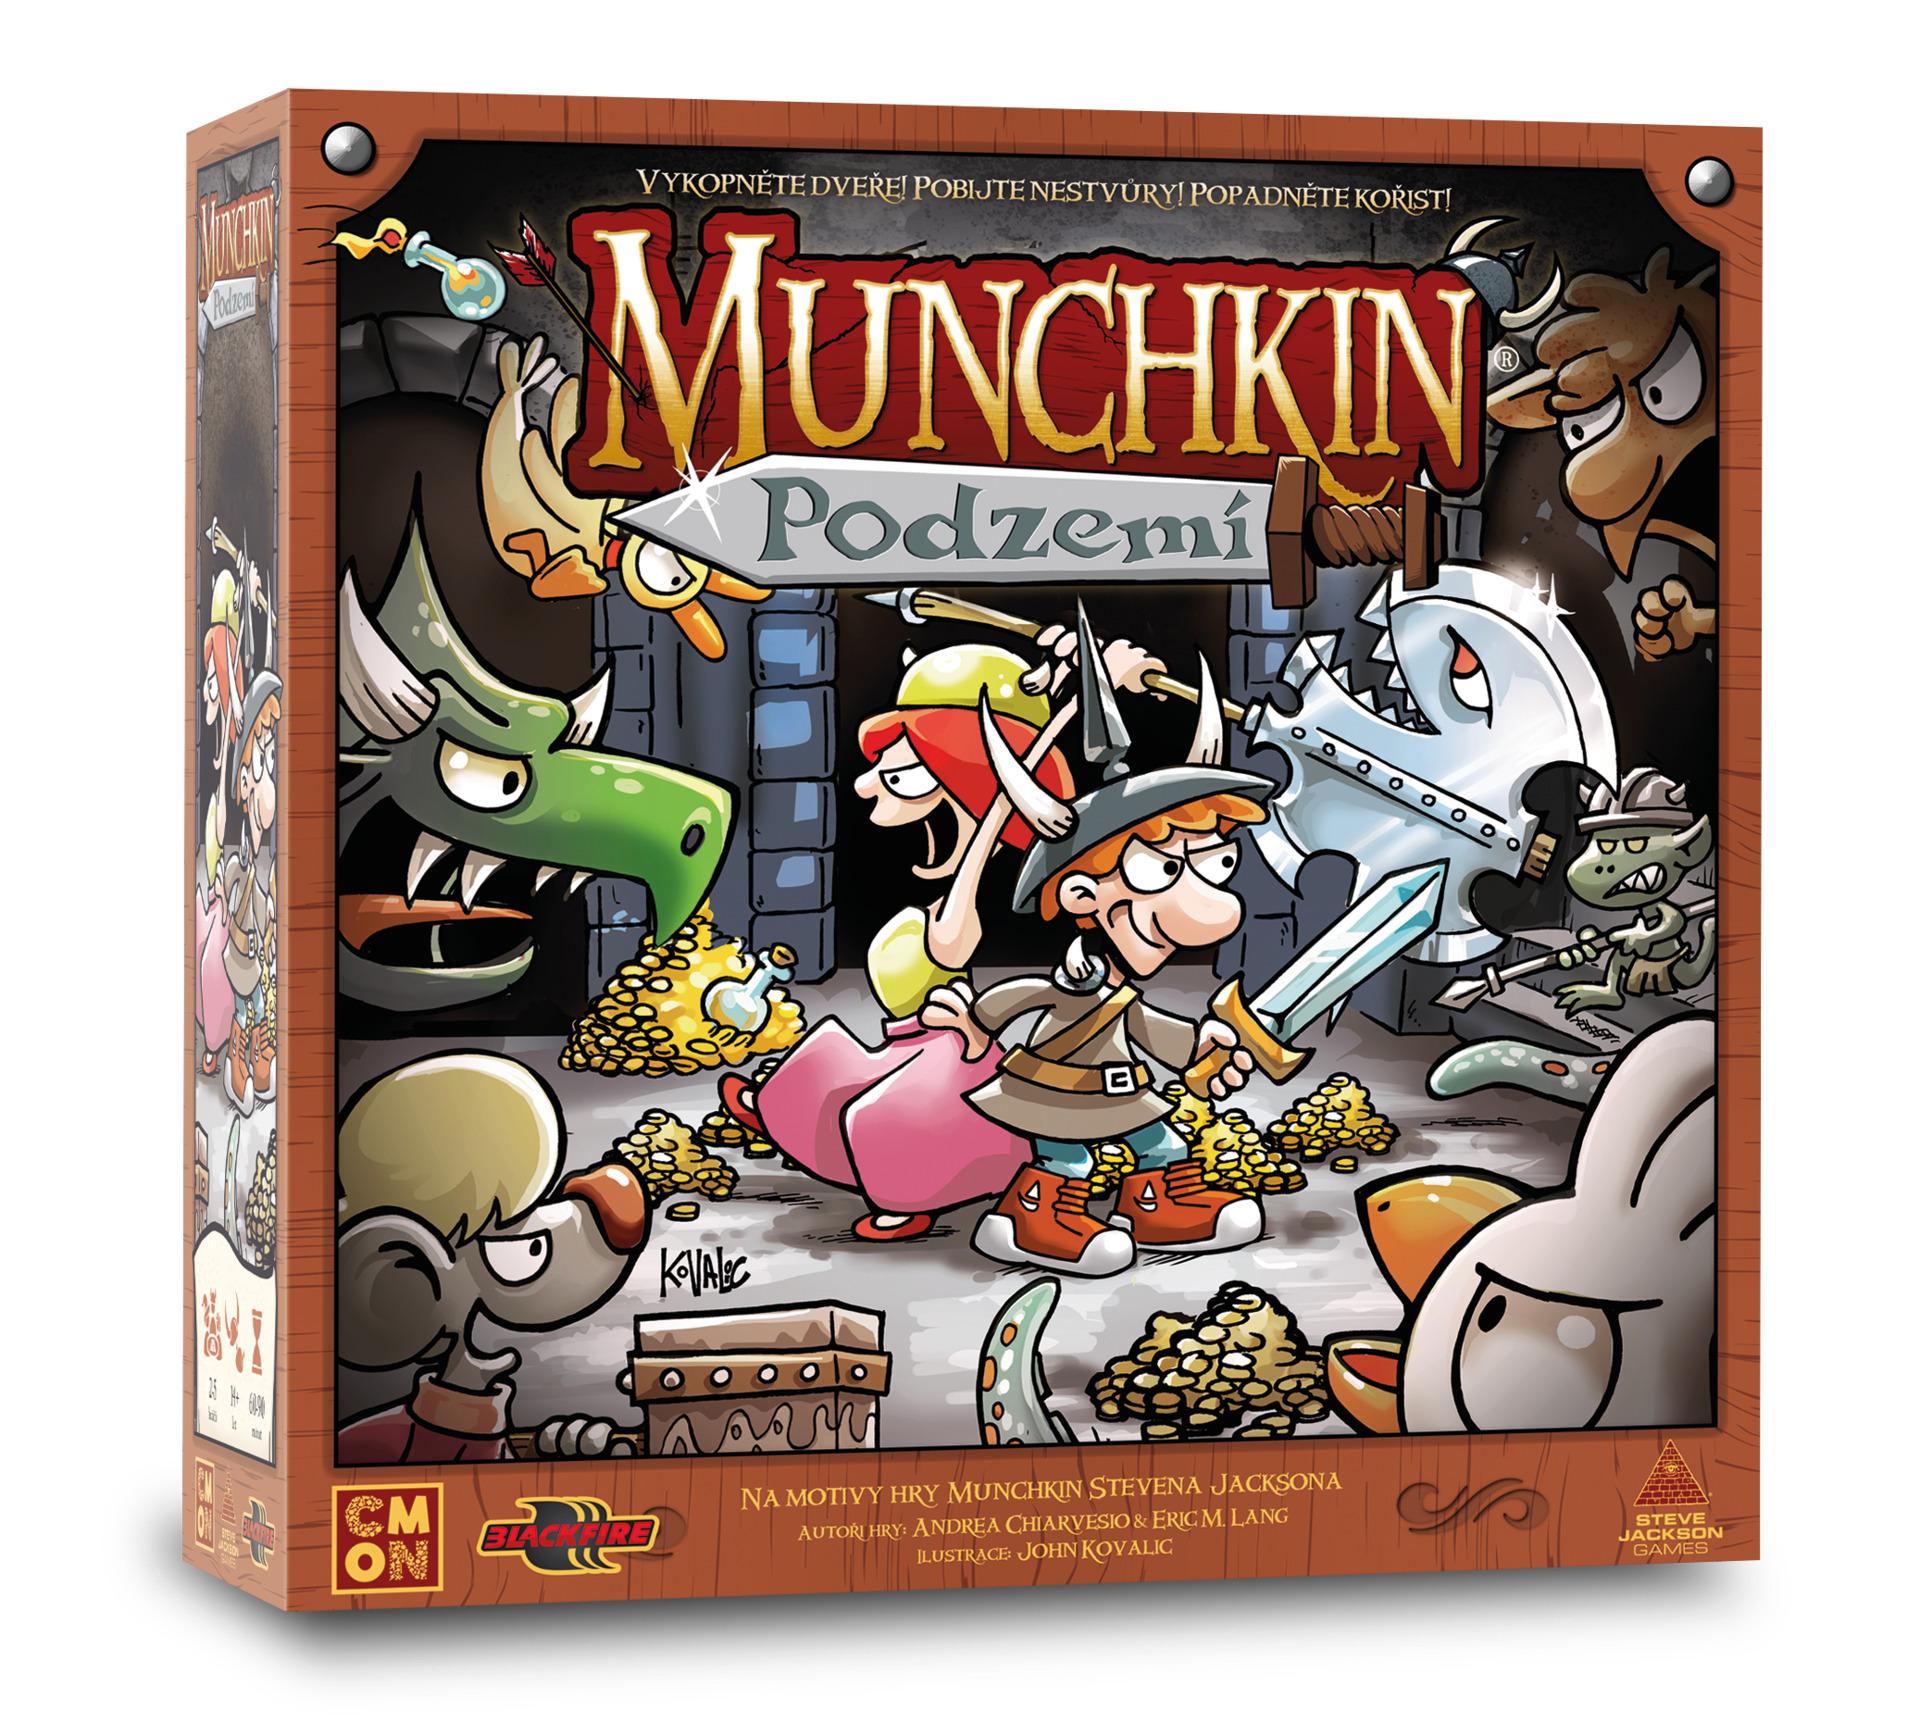 Desková hra Munchkin: Podzemí (PC)